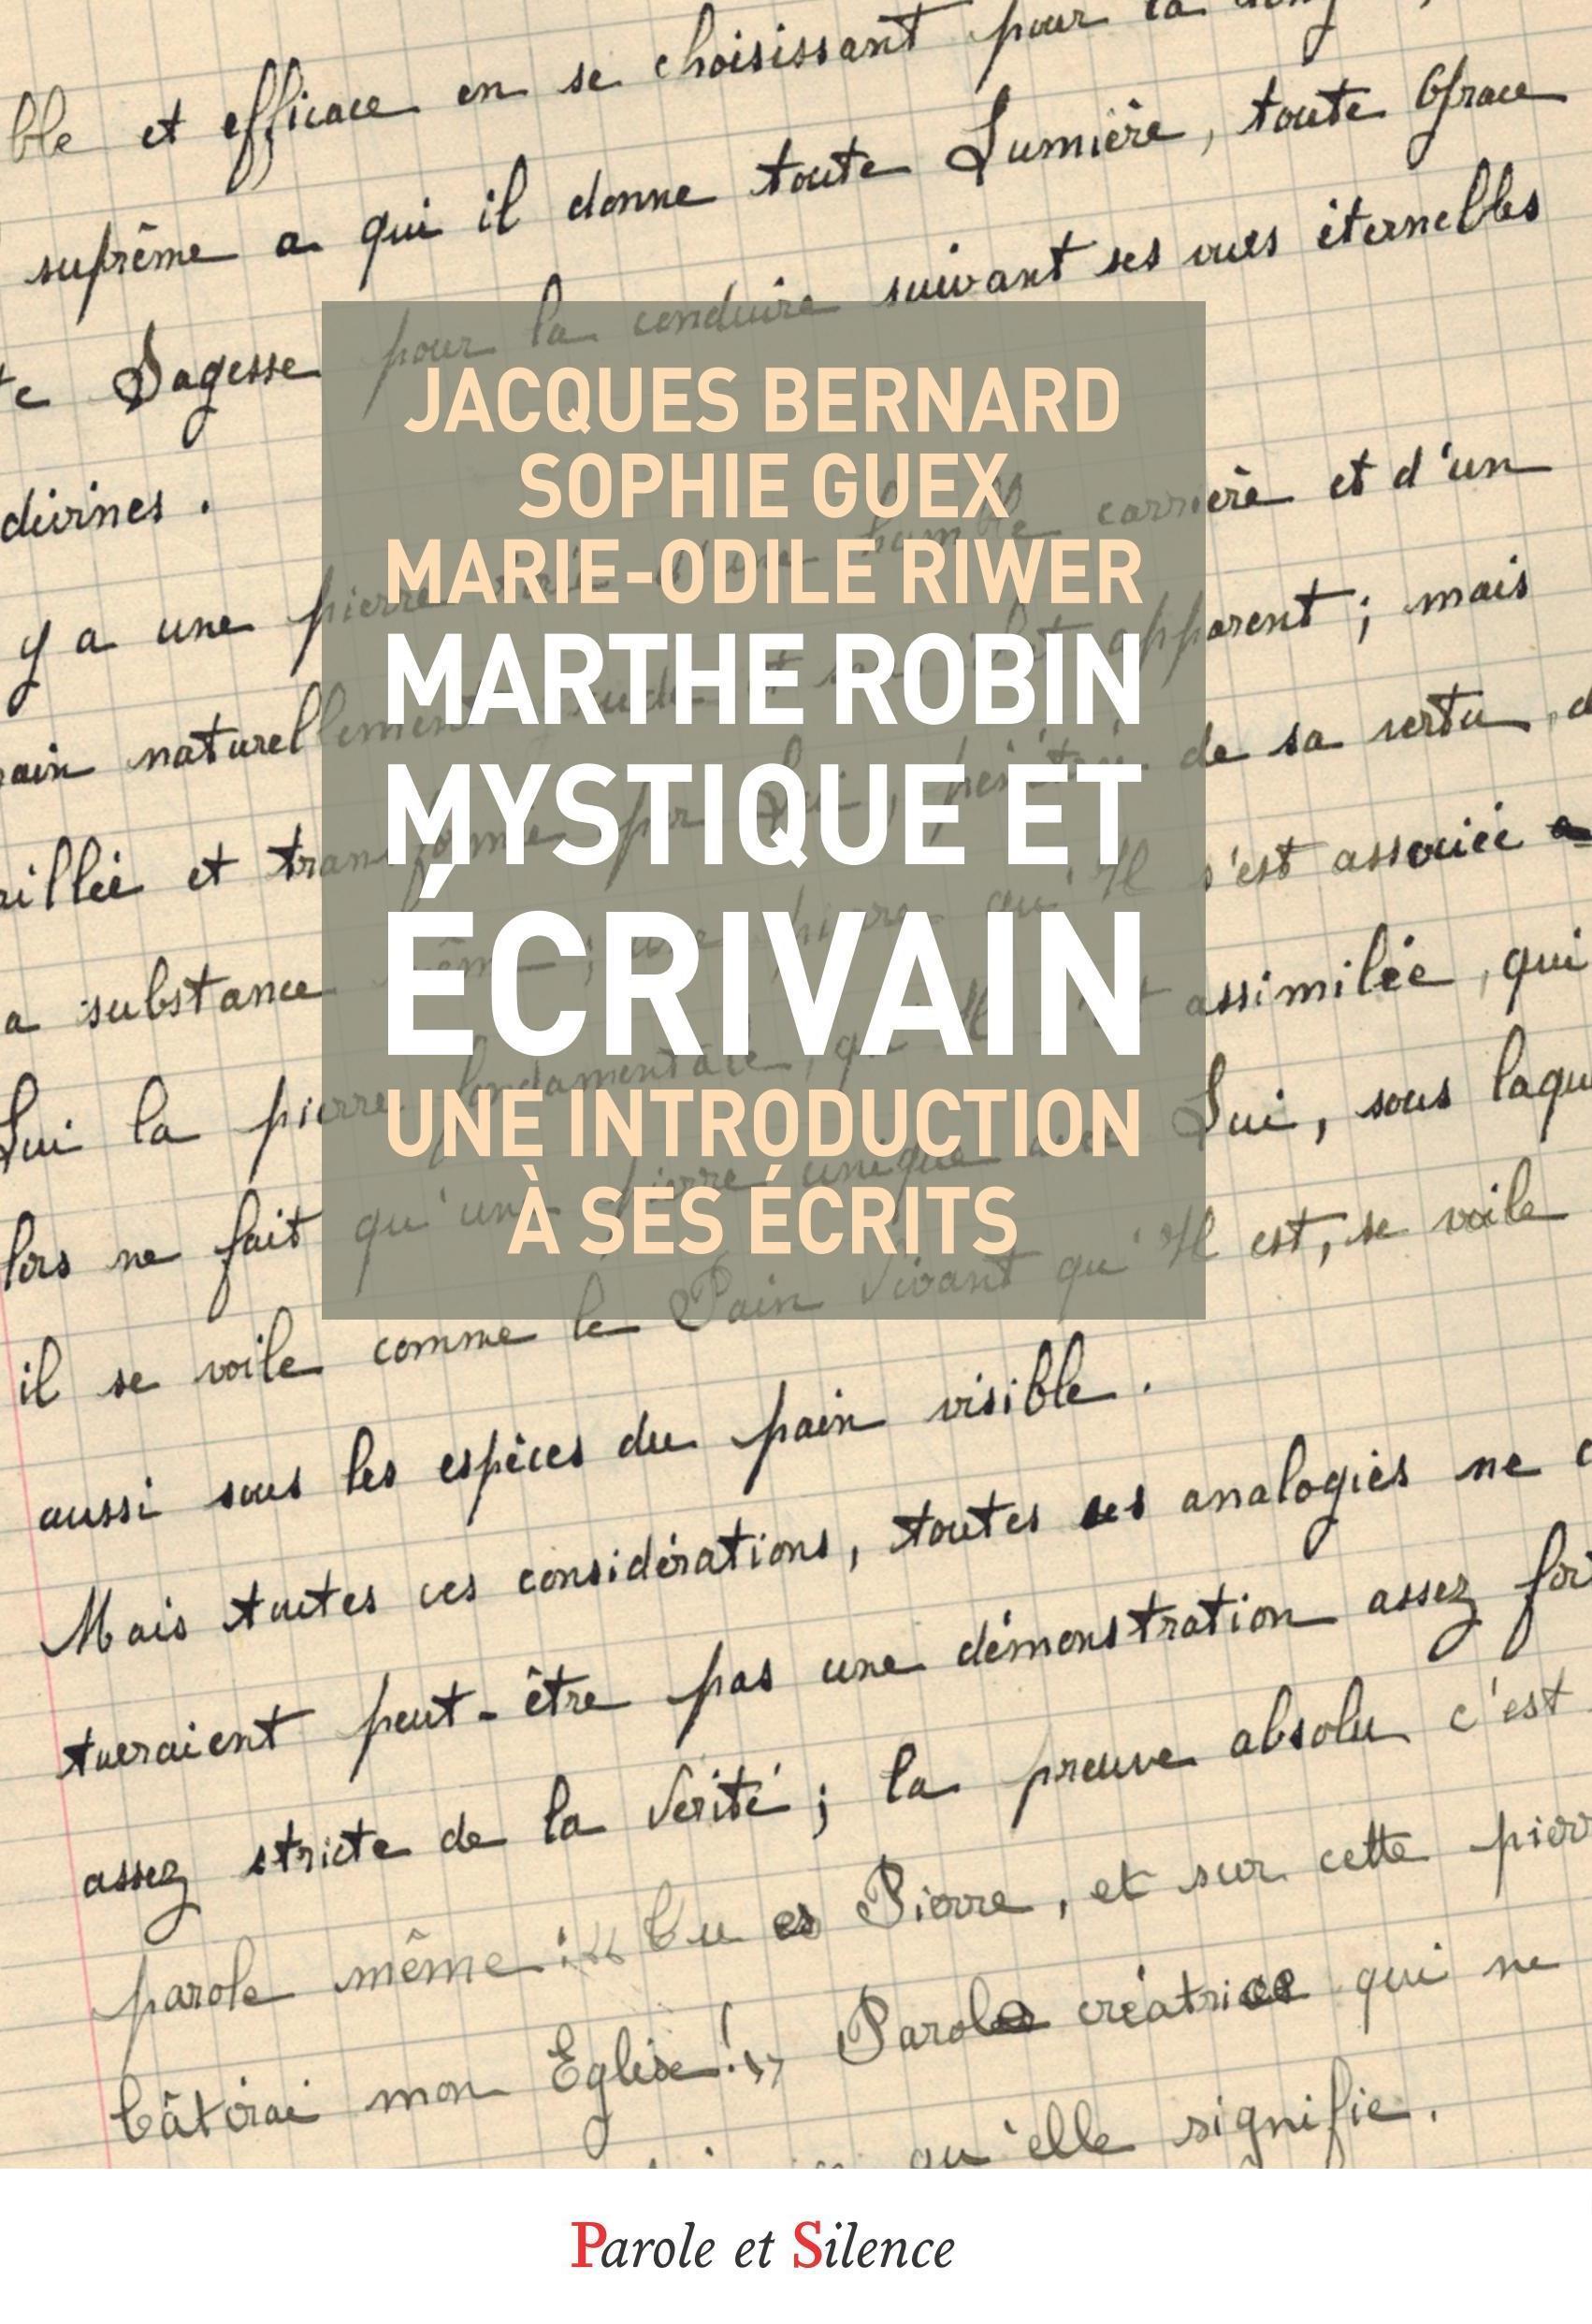 Marthe Robin mystique et écrivain